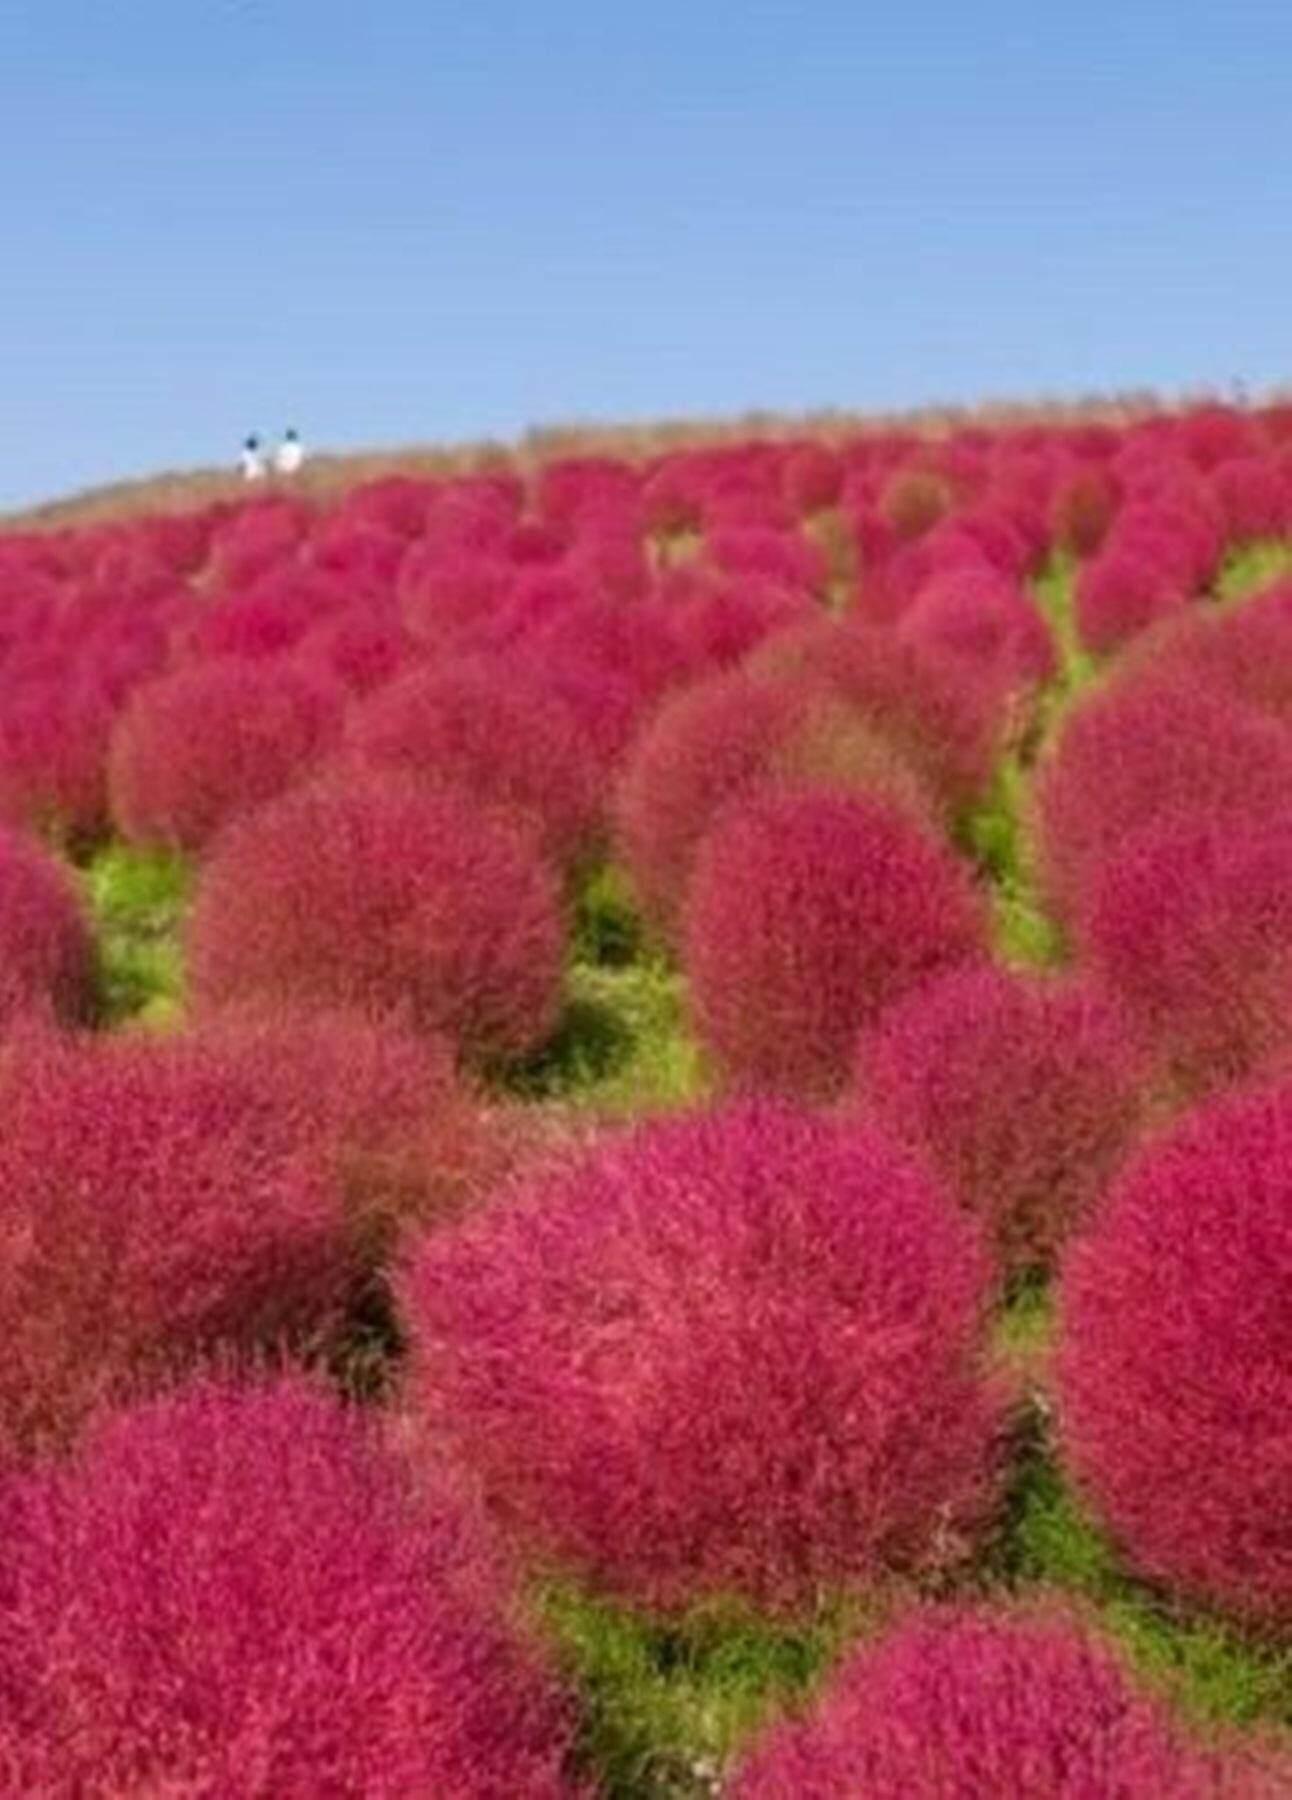 ขายส่ง 100 เมล็ด Summer Cypress ต้น Summer Cypress เมล็ดพันธุ์นำเข้า สวนต้นไม้ เมล็ดพันธุ์ดอกไม้ คละสี ไม้ดอก ดอกไม้ป่า เมล็ดพันธุ์ไม้ดอก-ไม้ประดับ ดอกไม้ ดอกไม้เมืองหนาว ไม้ตัดดอก ดอกไม้แห้ง ช่อดอกไม้ ดอกไม้ประดิษฐ์ ดอกไม้หายาก พืชบอนไซ By Mongkol Life.